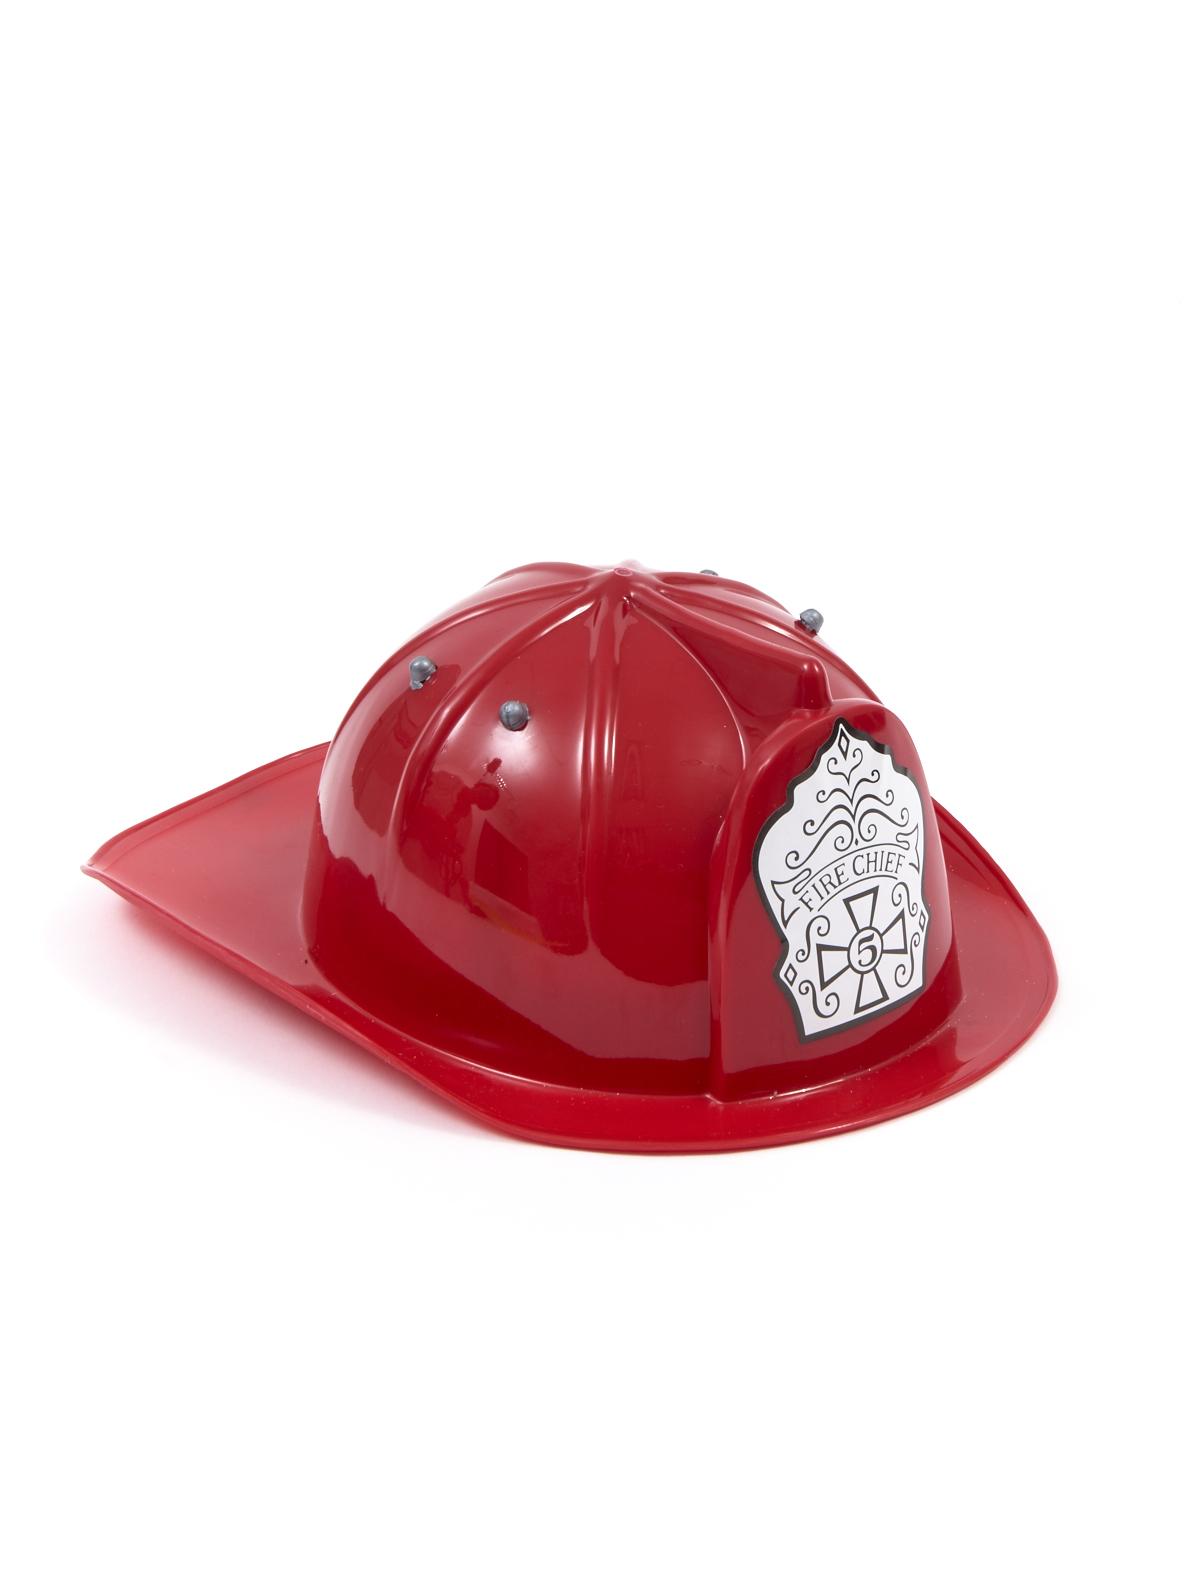 Feuerwehrhelm rot